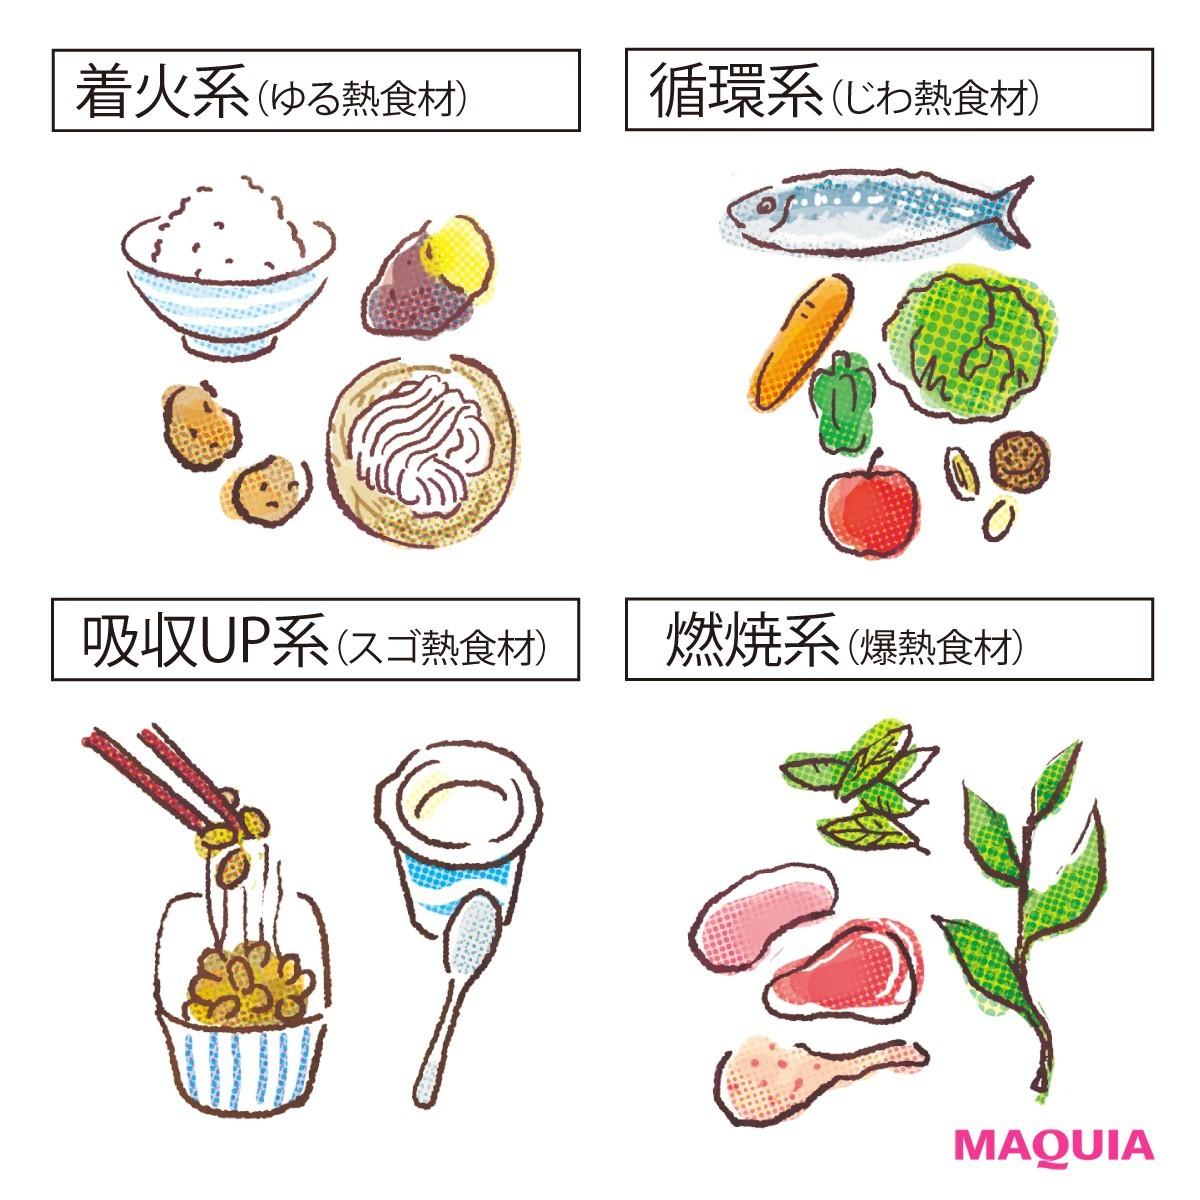 食べ物、エクササイズ…秋にすべきダイエットまとめ